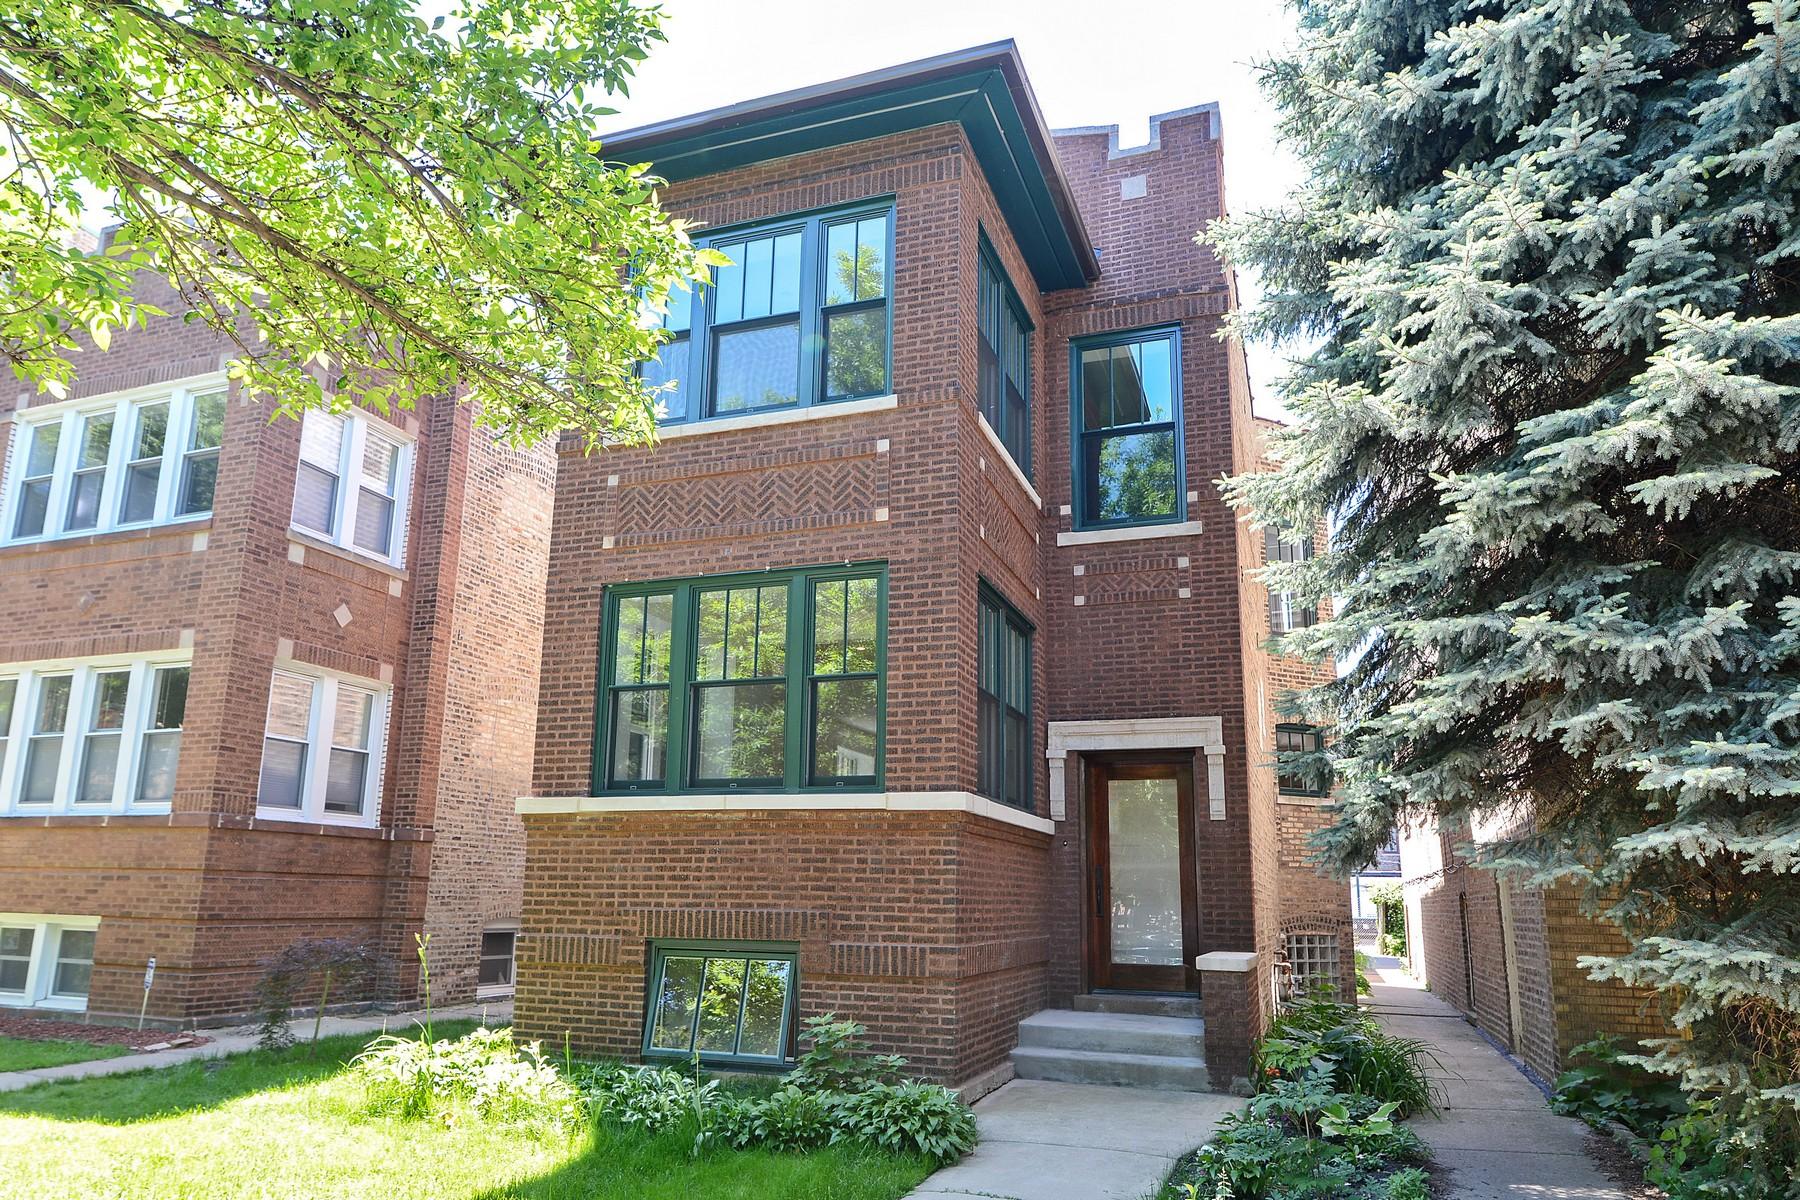 Maison unifamiliale pour l Vente à Premier Custom Home 2635 W Leland Avenue Chicago, Illinois, 60625 États-Unis